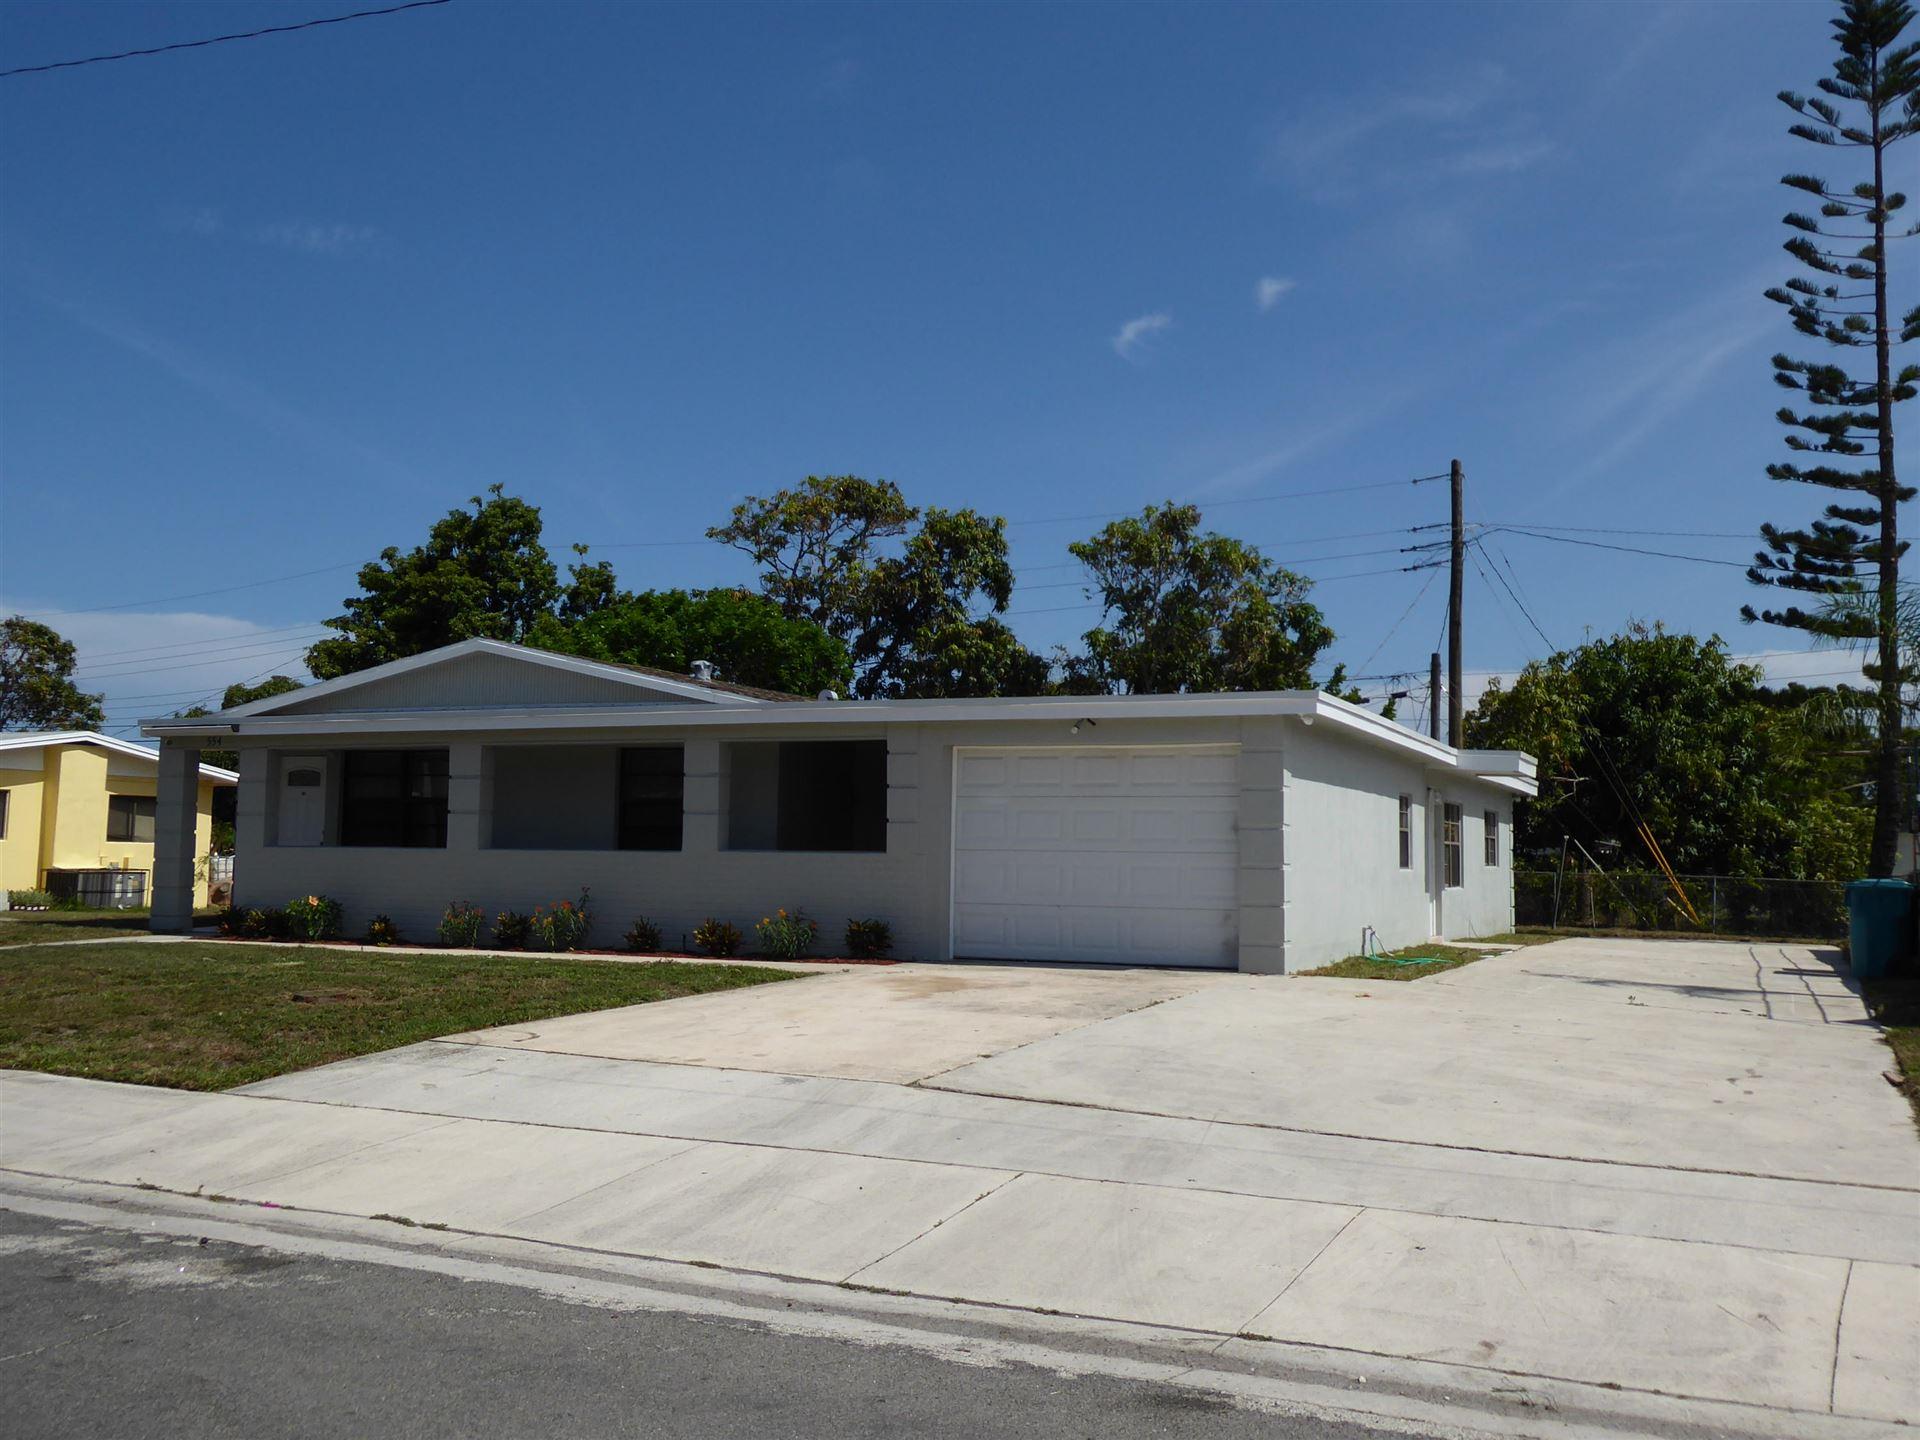 554 NW 11th Avenue, Boynton Beach, FL 33435 - MLS#: RX-10715949